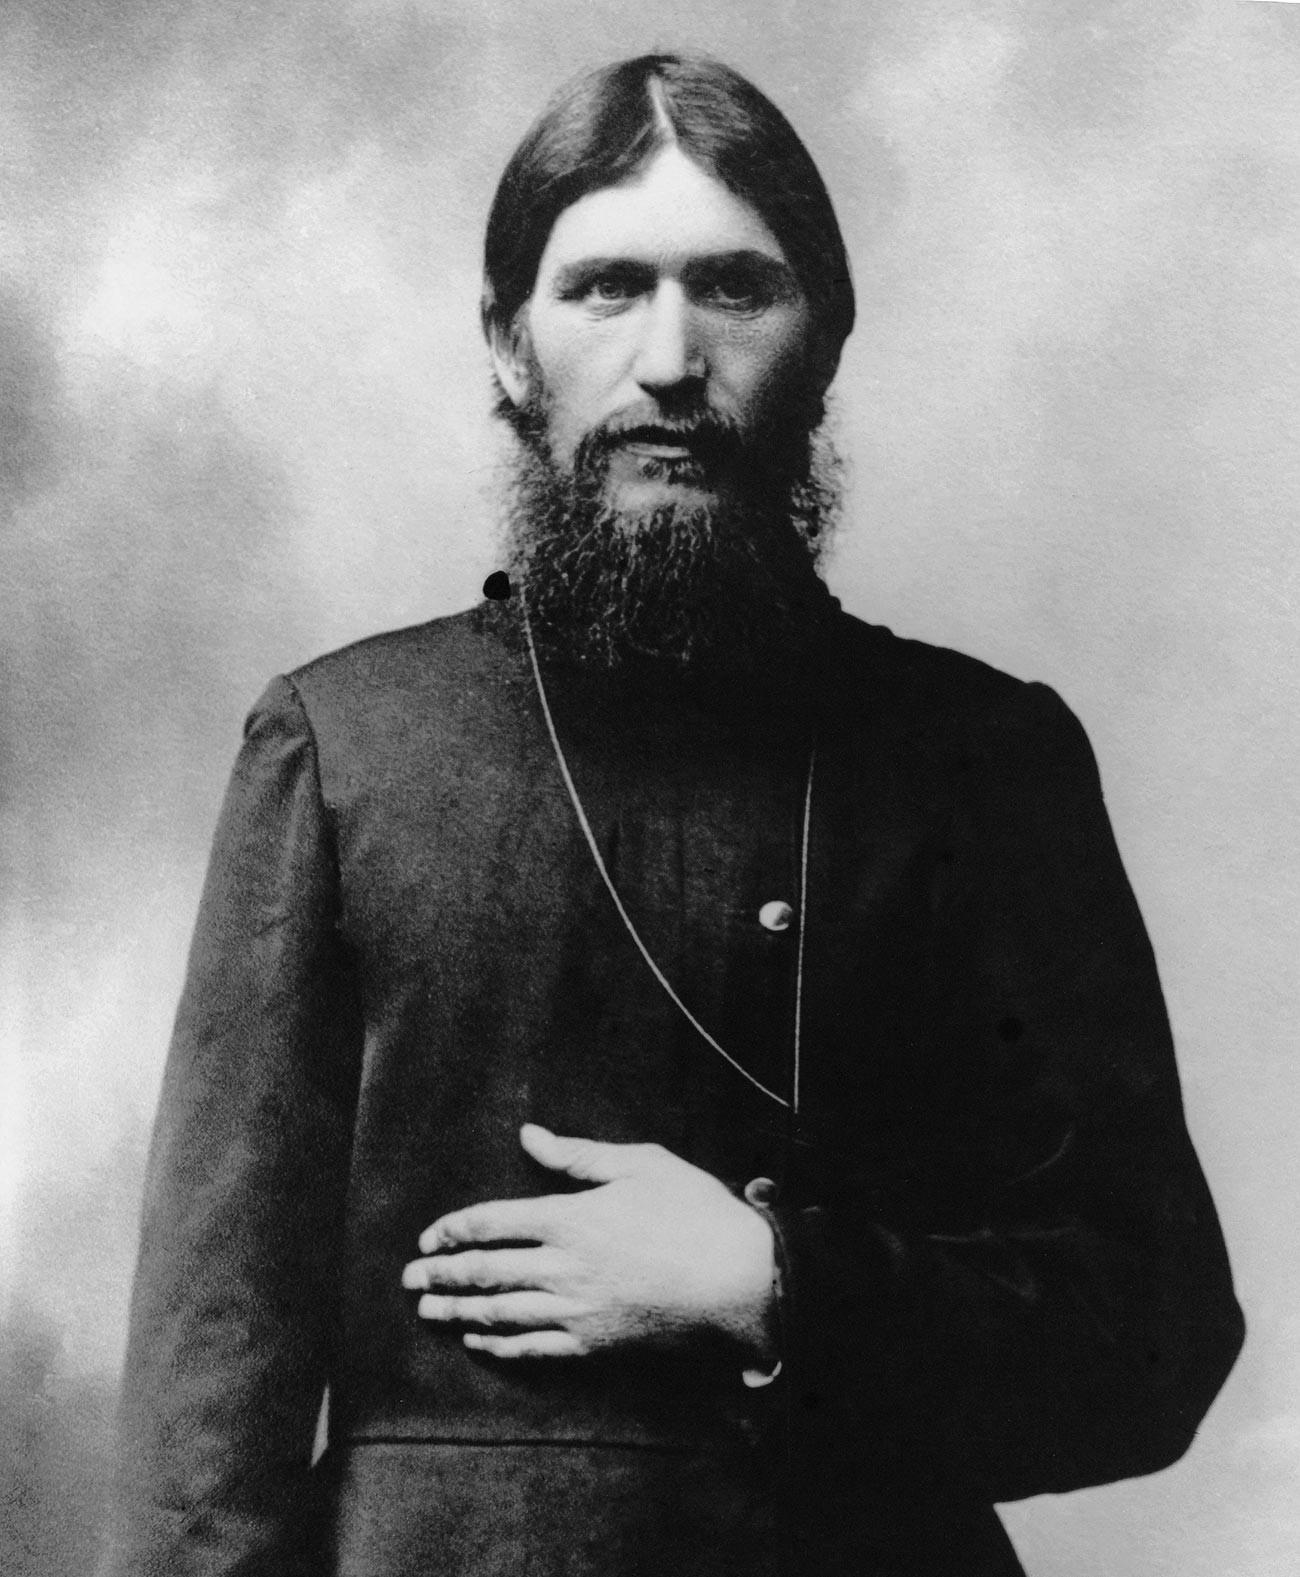 Grigori Rasputin im Alter von 35 Jahren